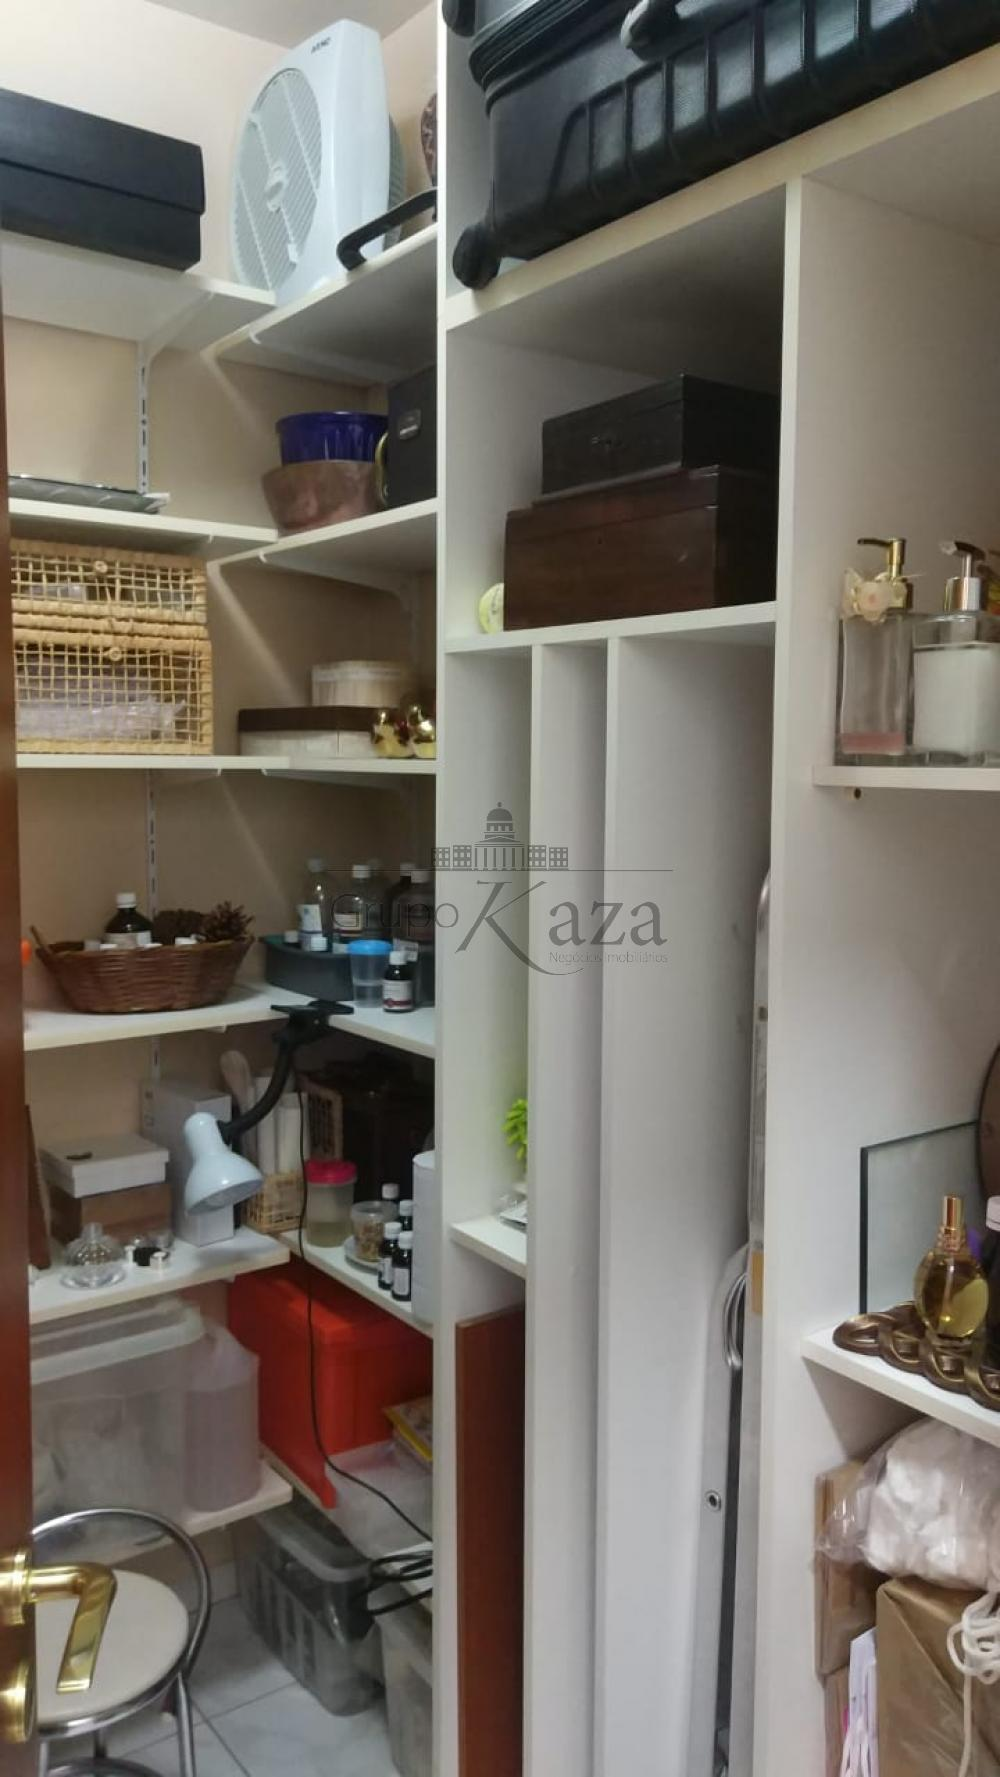 Comprar Apartamento / Padrão em São José dos Campos apenas R$ 1.500.000,00 - Foto 26